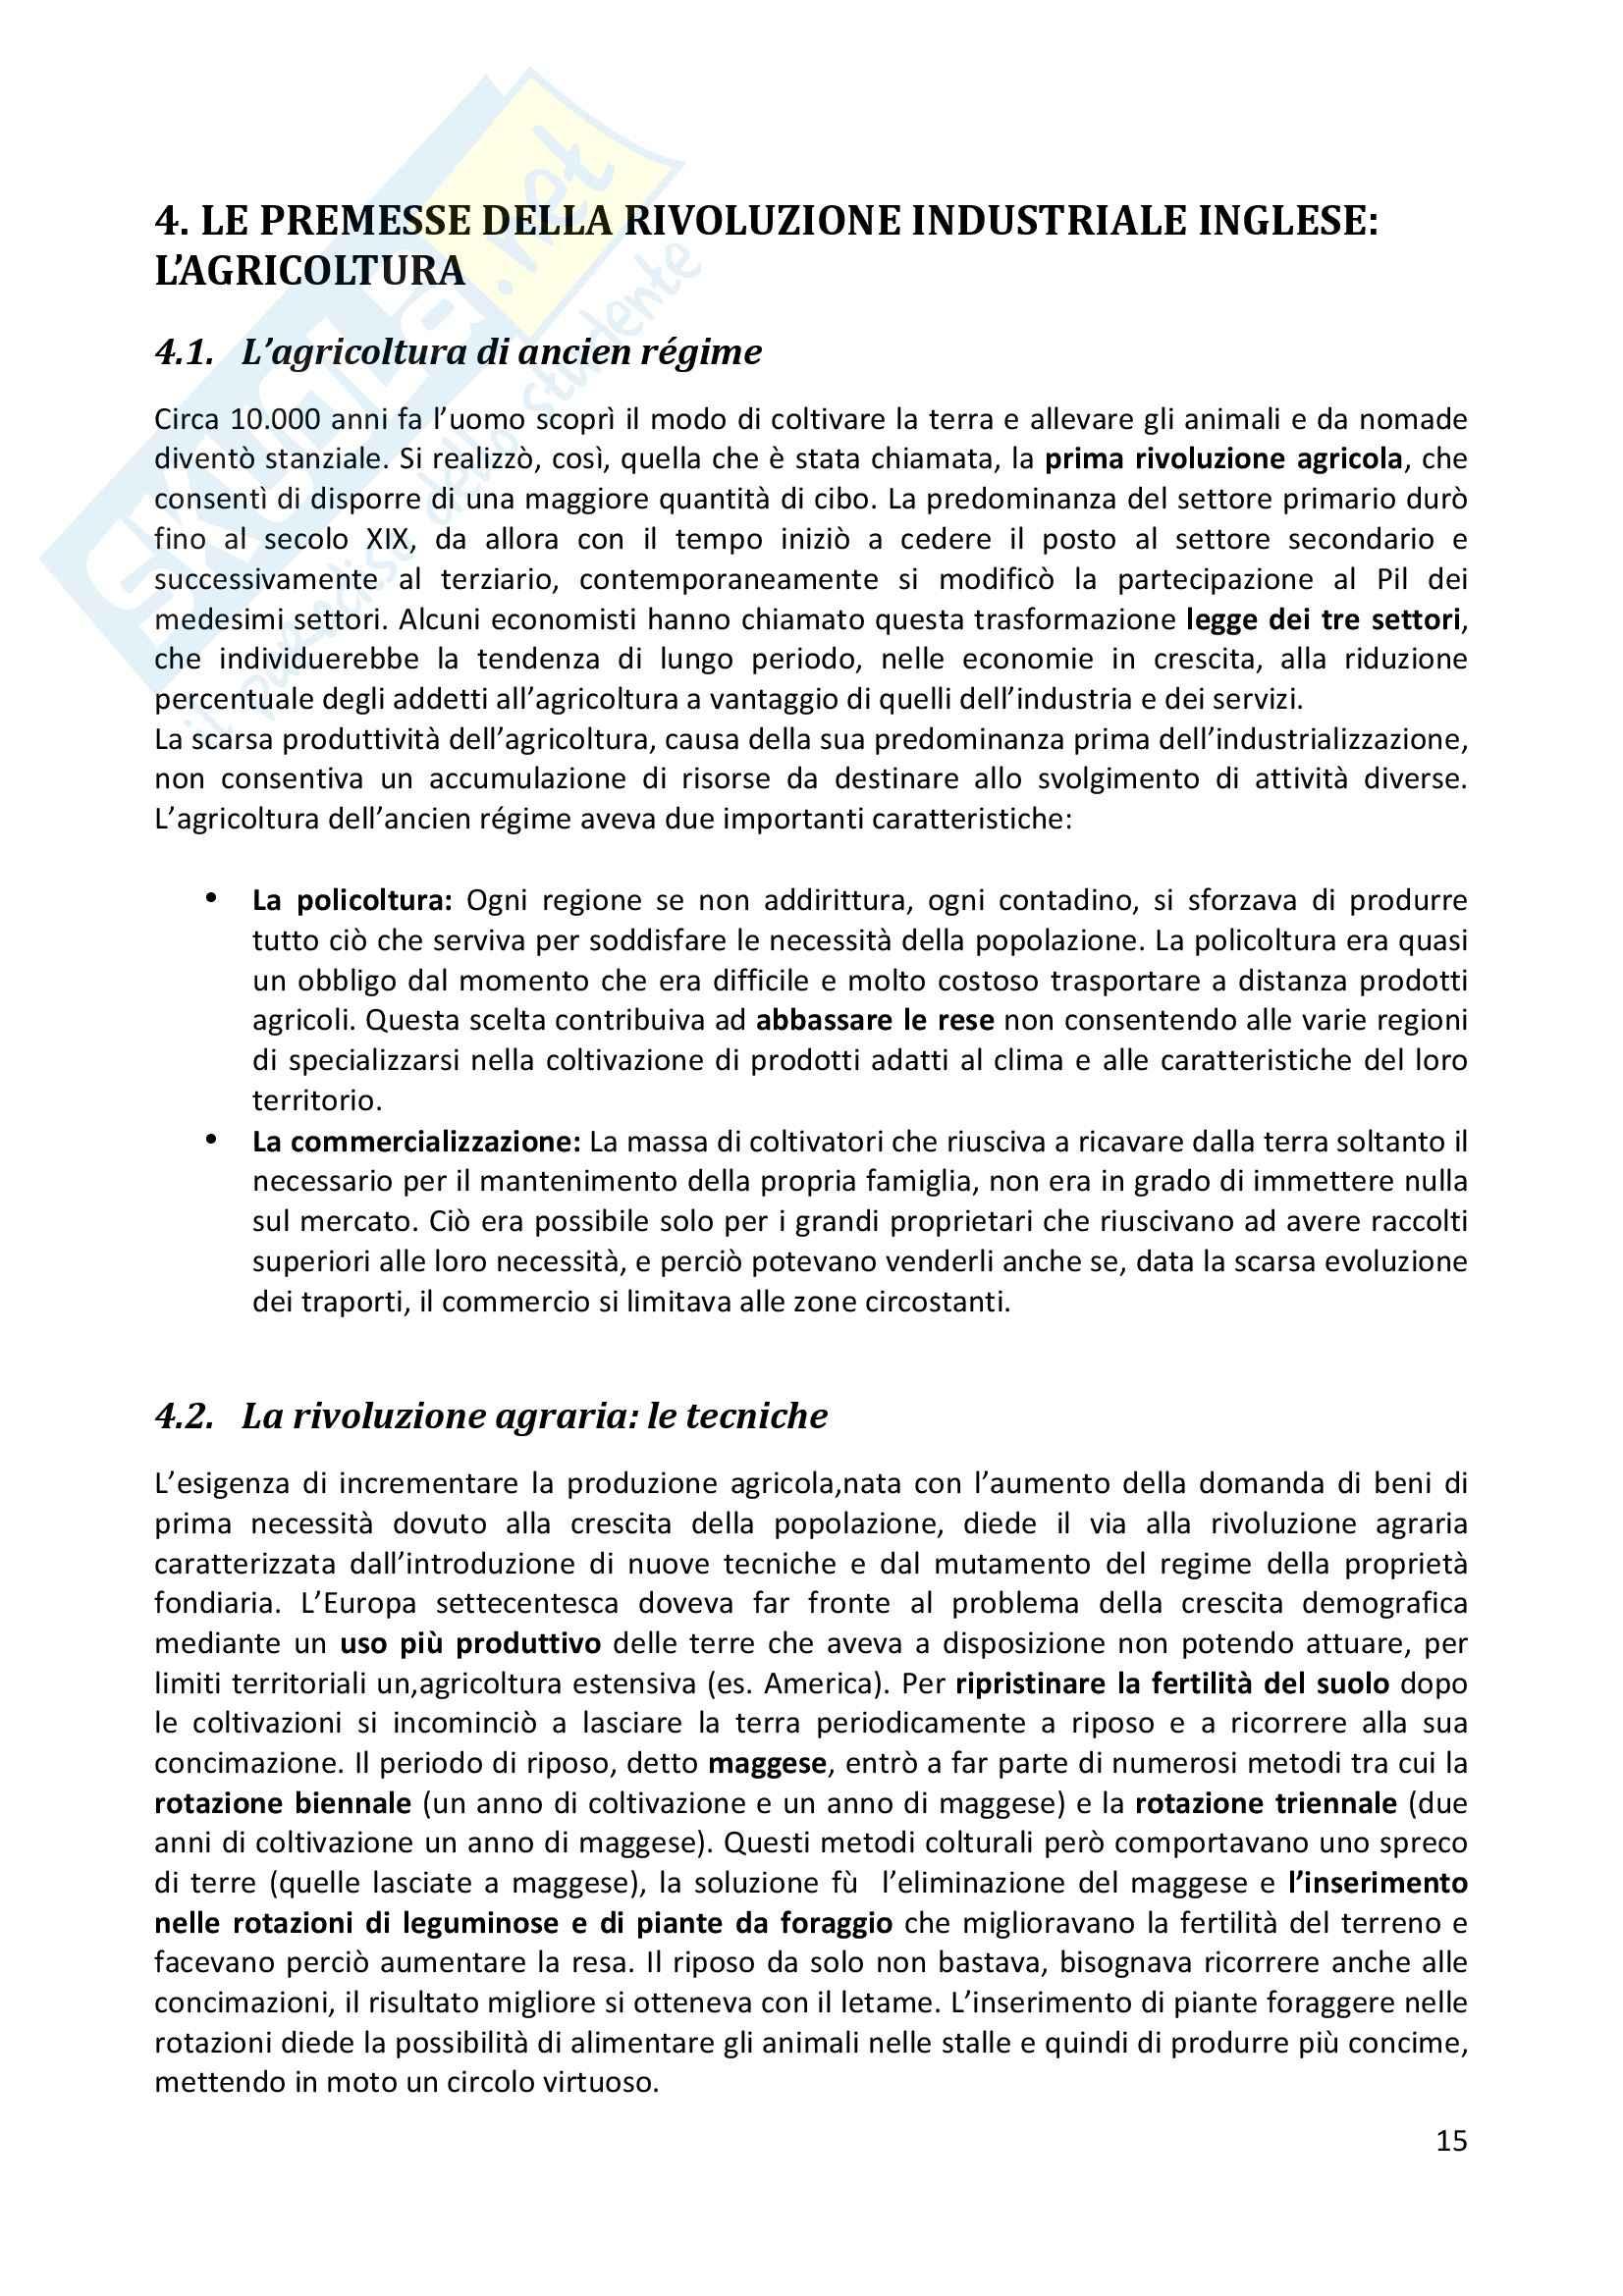 Riassunto esame completo per paragrafi- Storia Economica De Simone, prof. Di Taranto Pag. 16